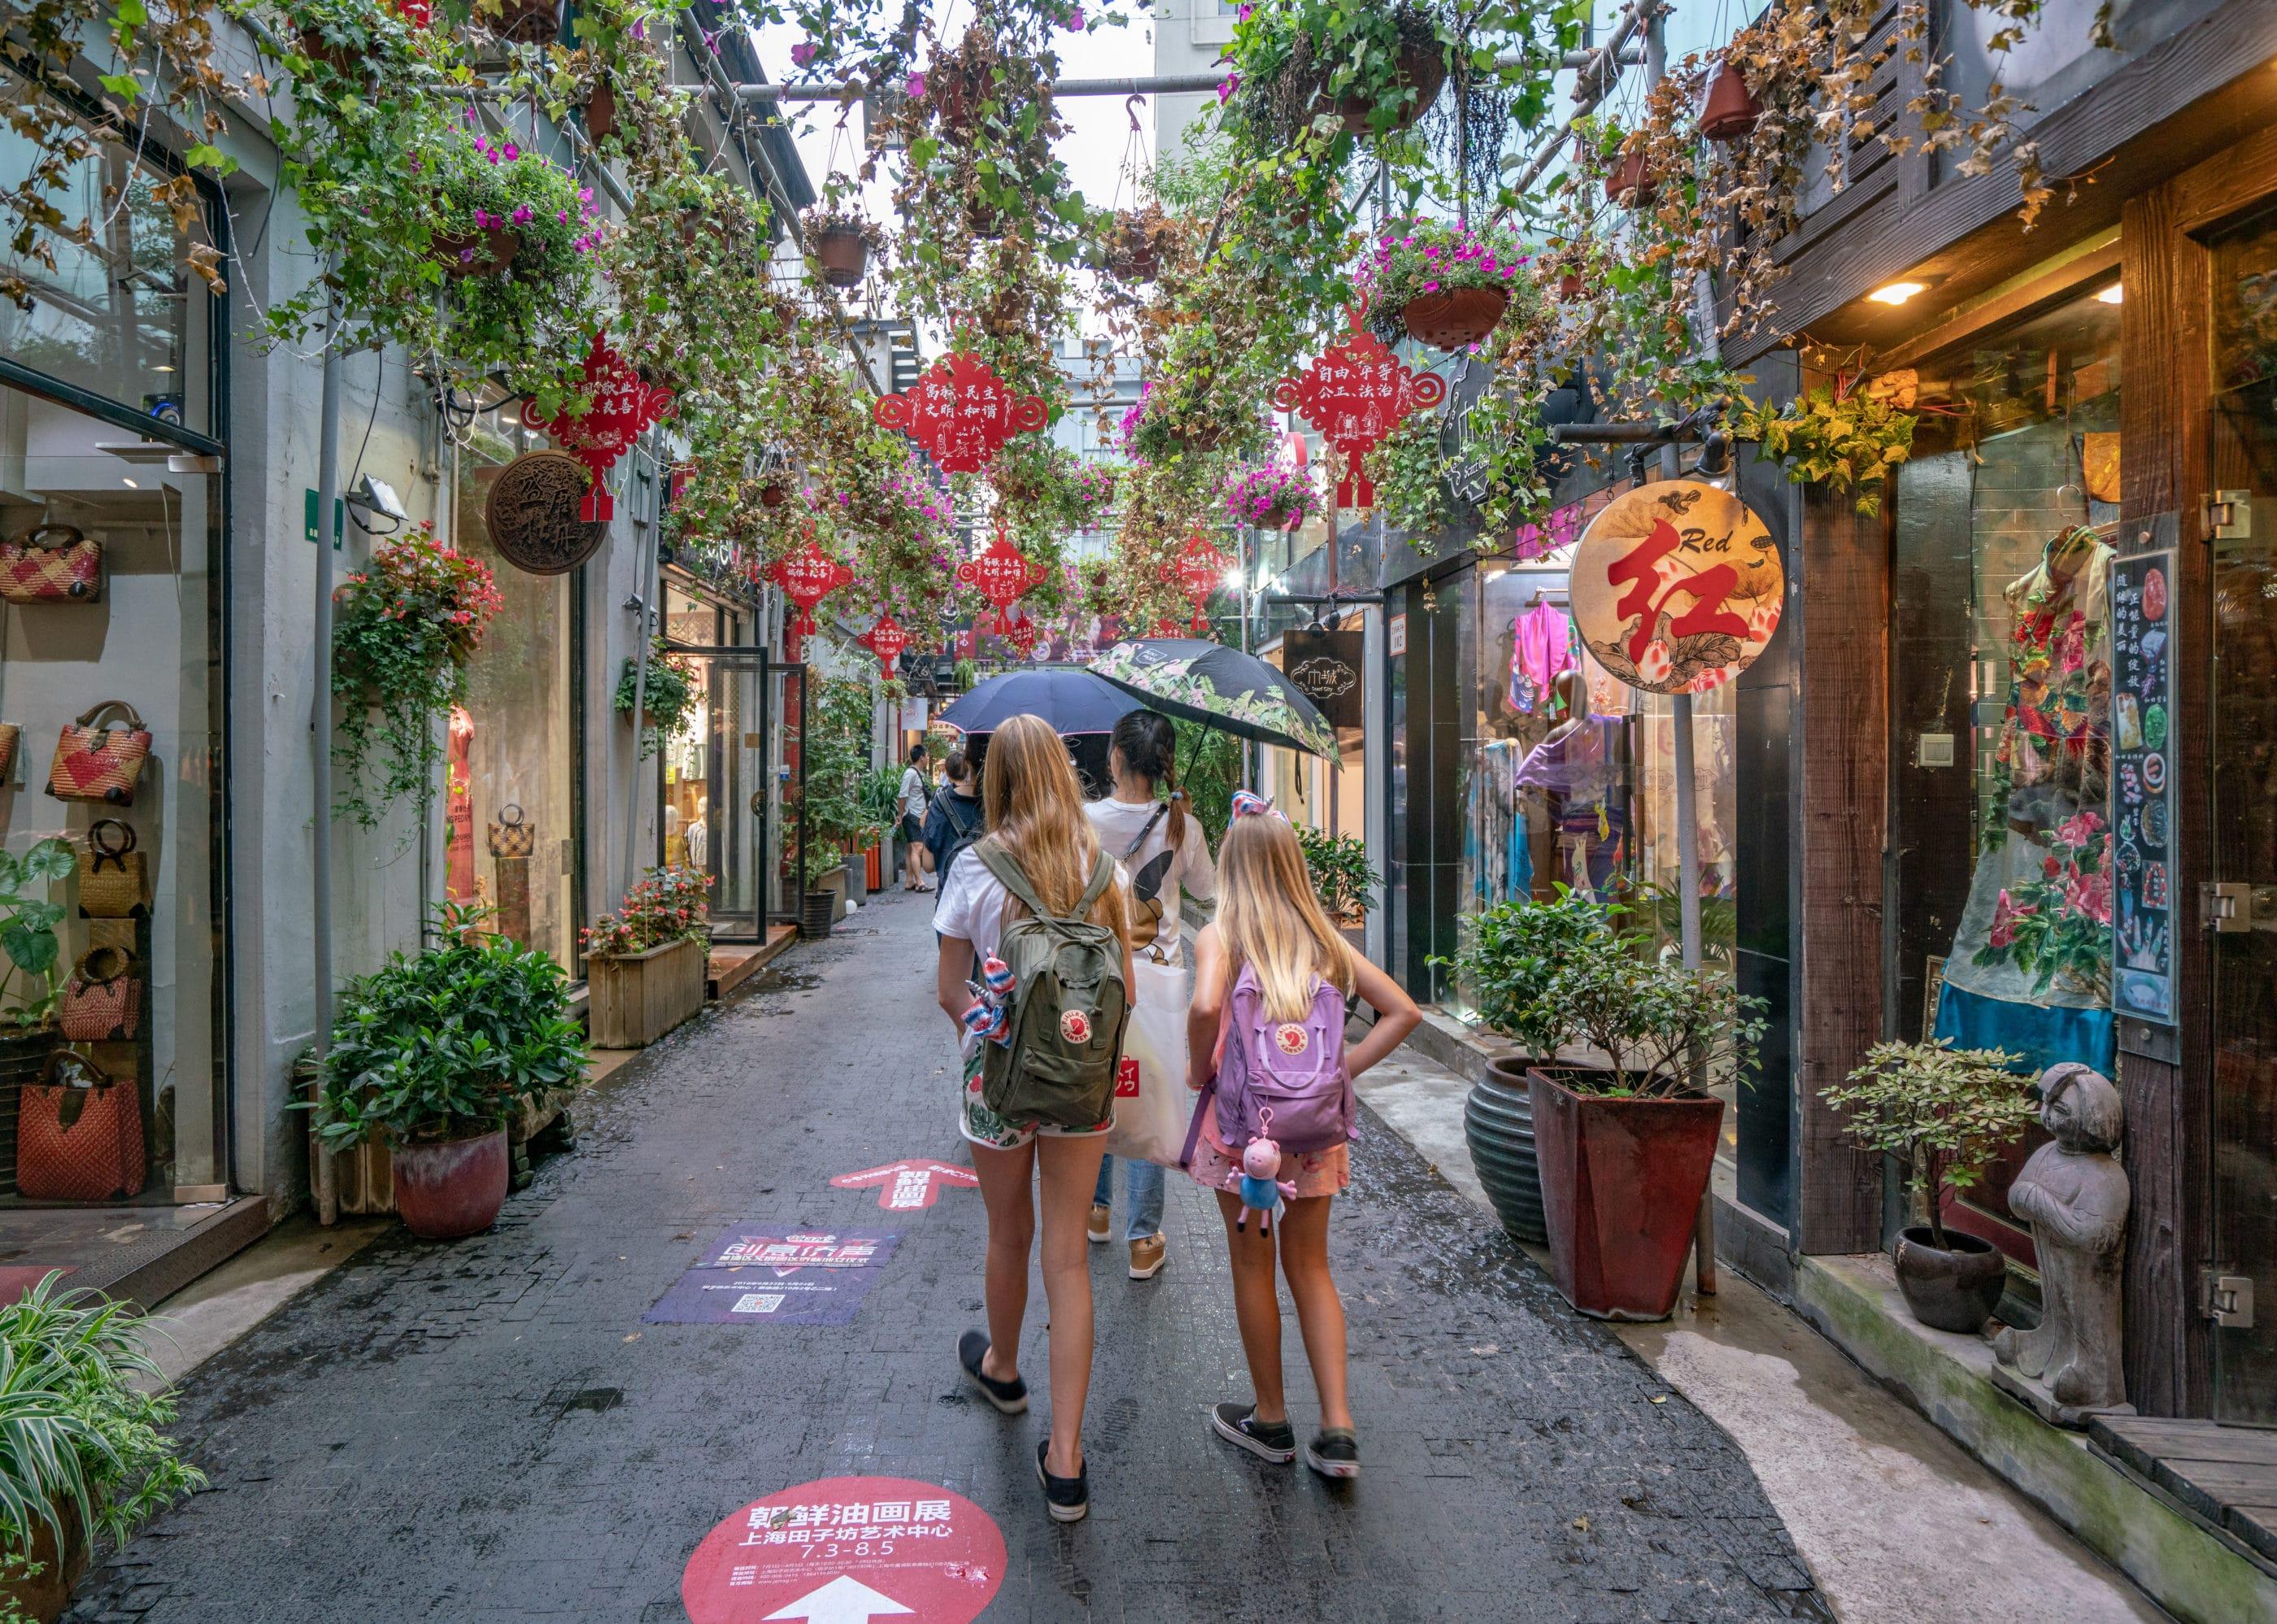 Things to do in Shanghai: Go shopping in Tianzifang